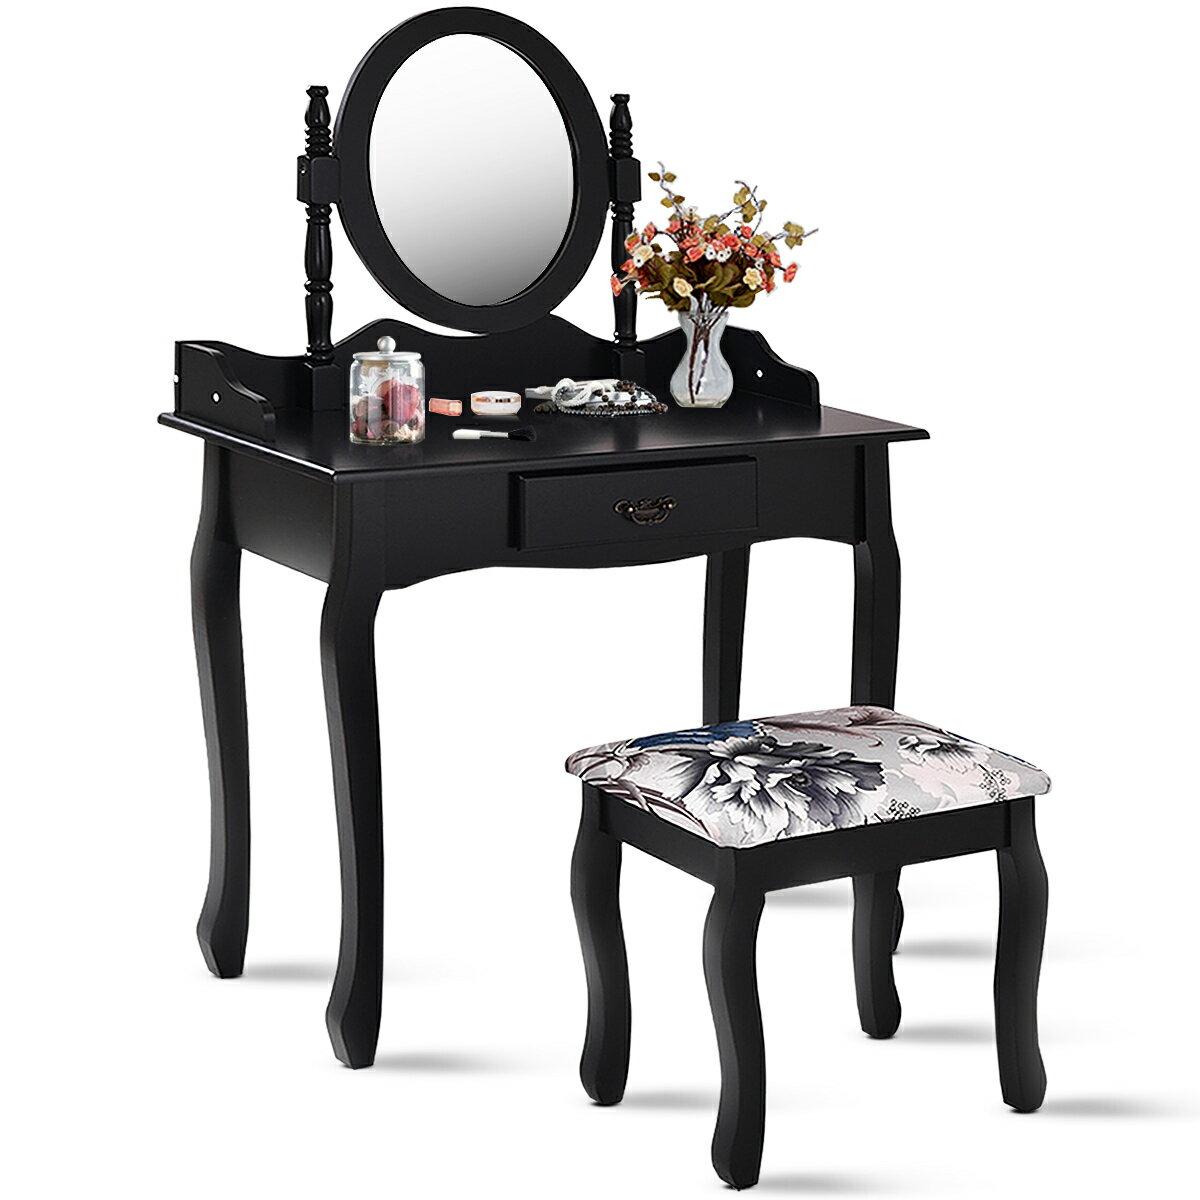 58cc999c0 Costway Vanity Wood Makeup Dressing Table Stool Set Jewelry Desk bathroom  W/ Drawer &Mirror Black